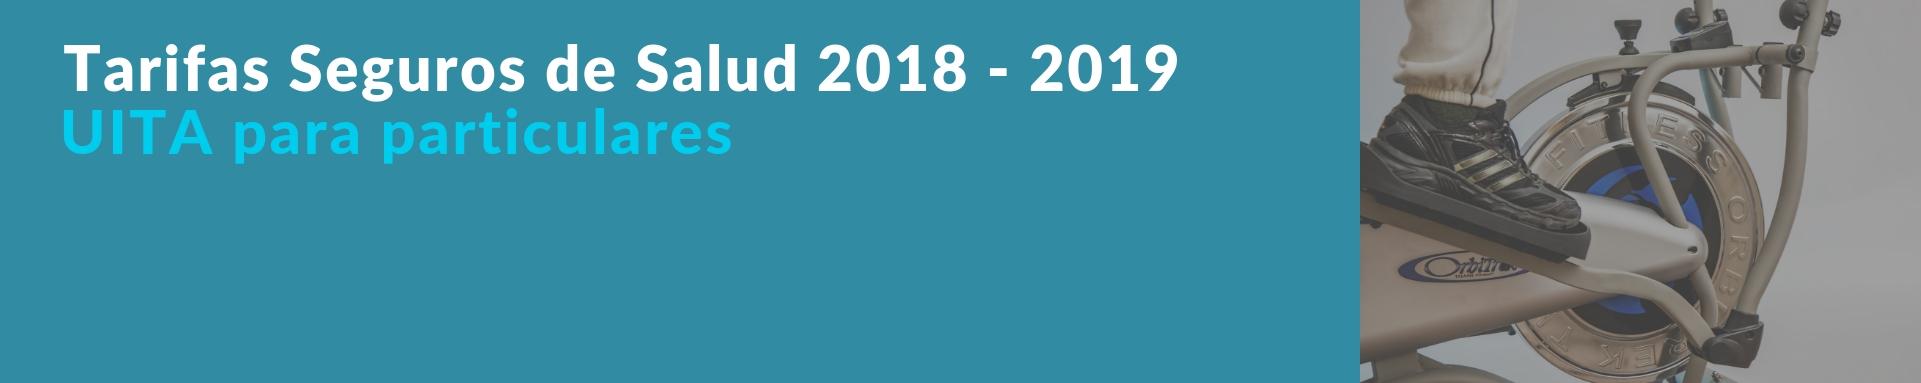 Seguro UITA Particulares Hover 2018-2019(1)